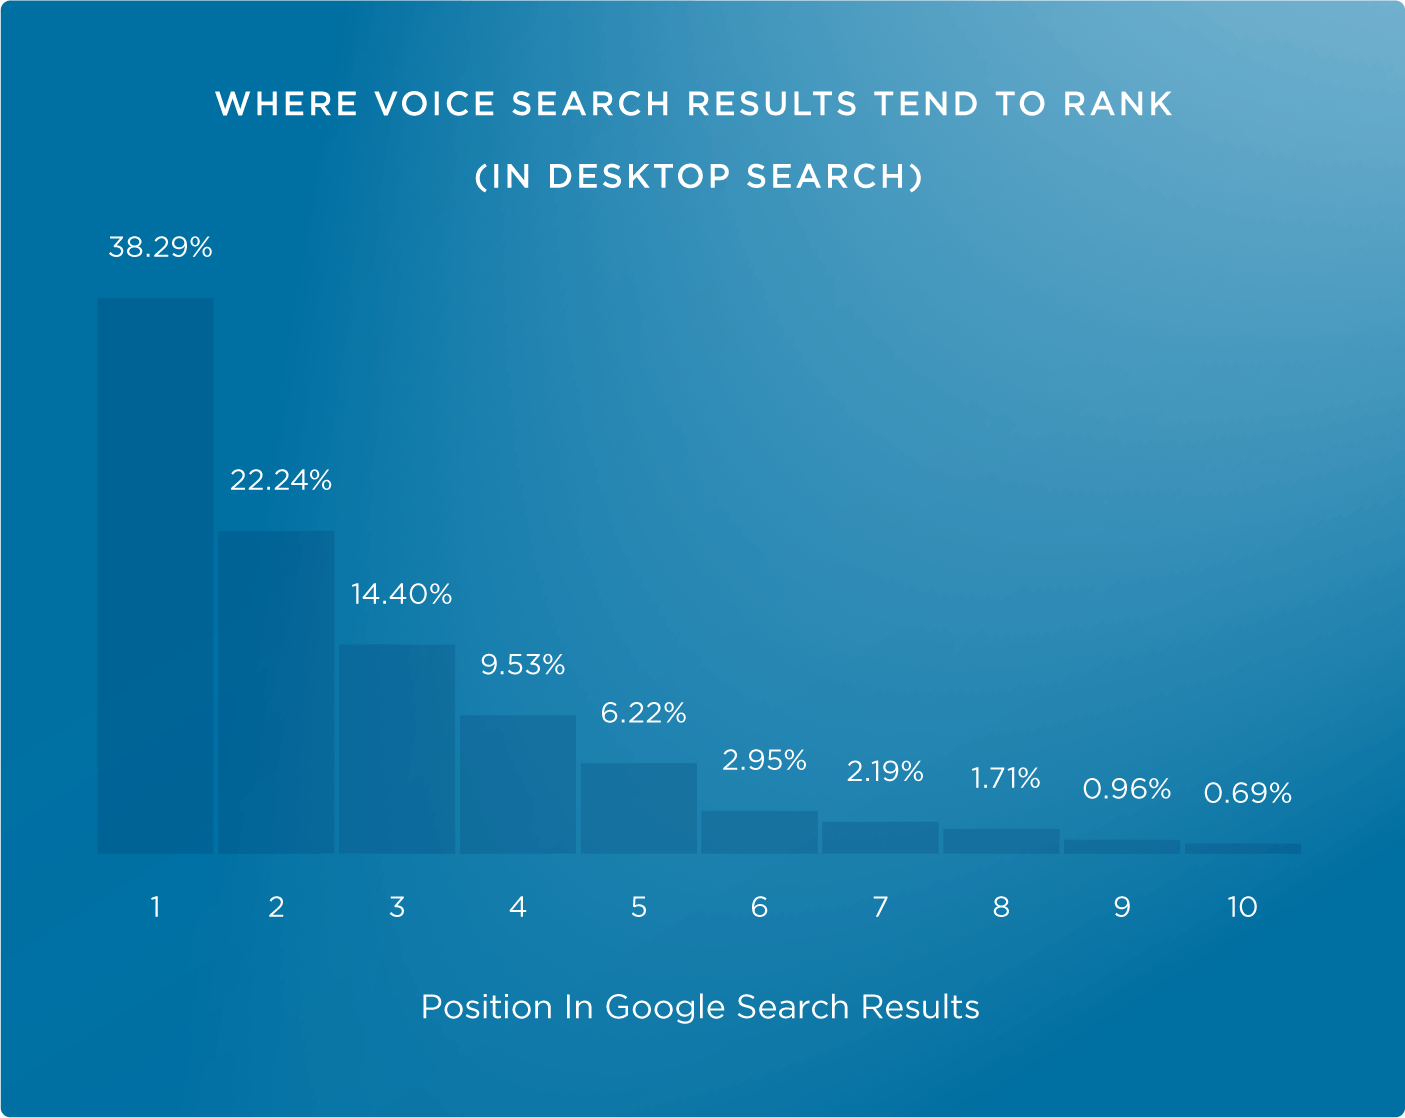 голосовой контент подтягивается из топ-3 гугл